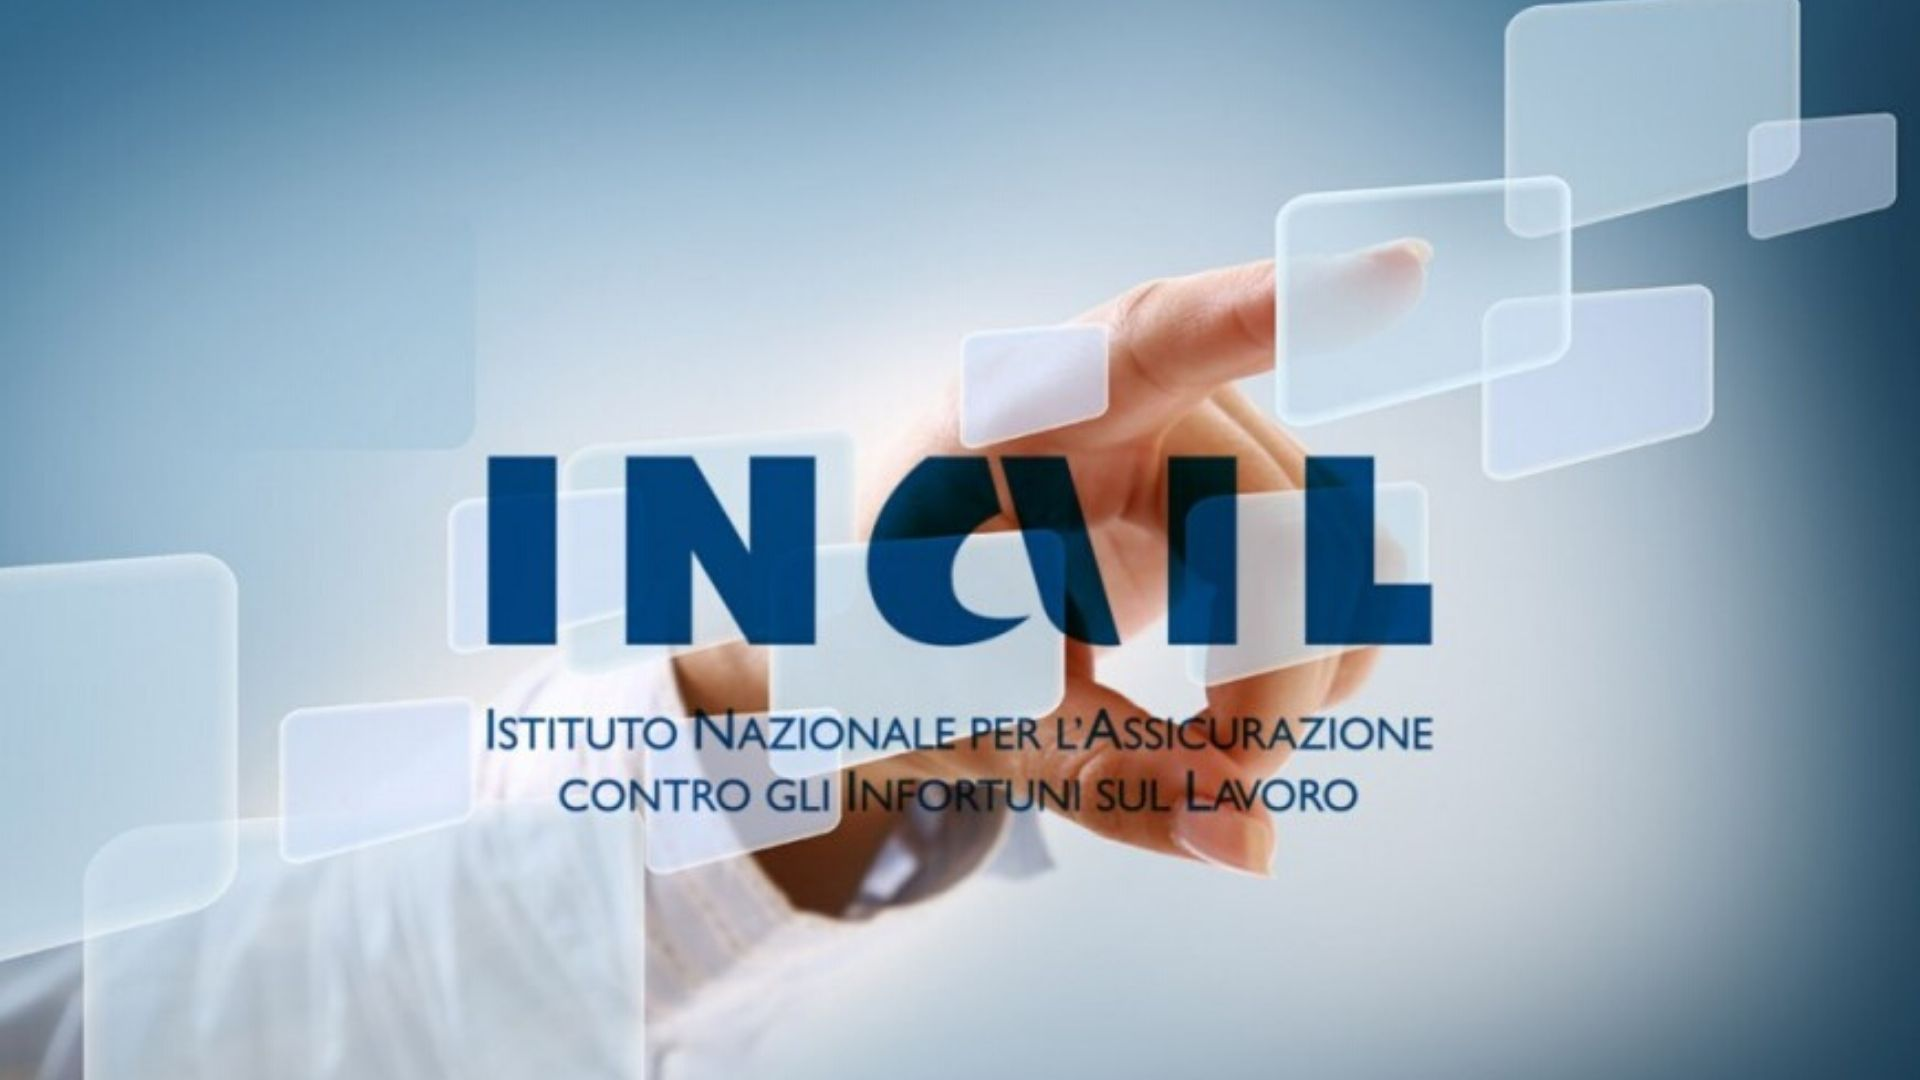 INAIL v11